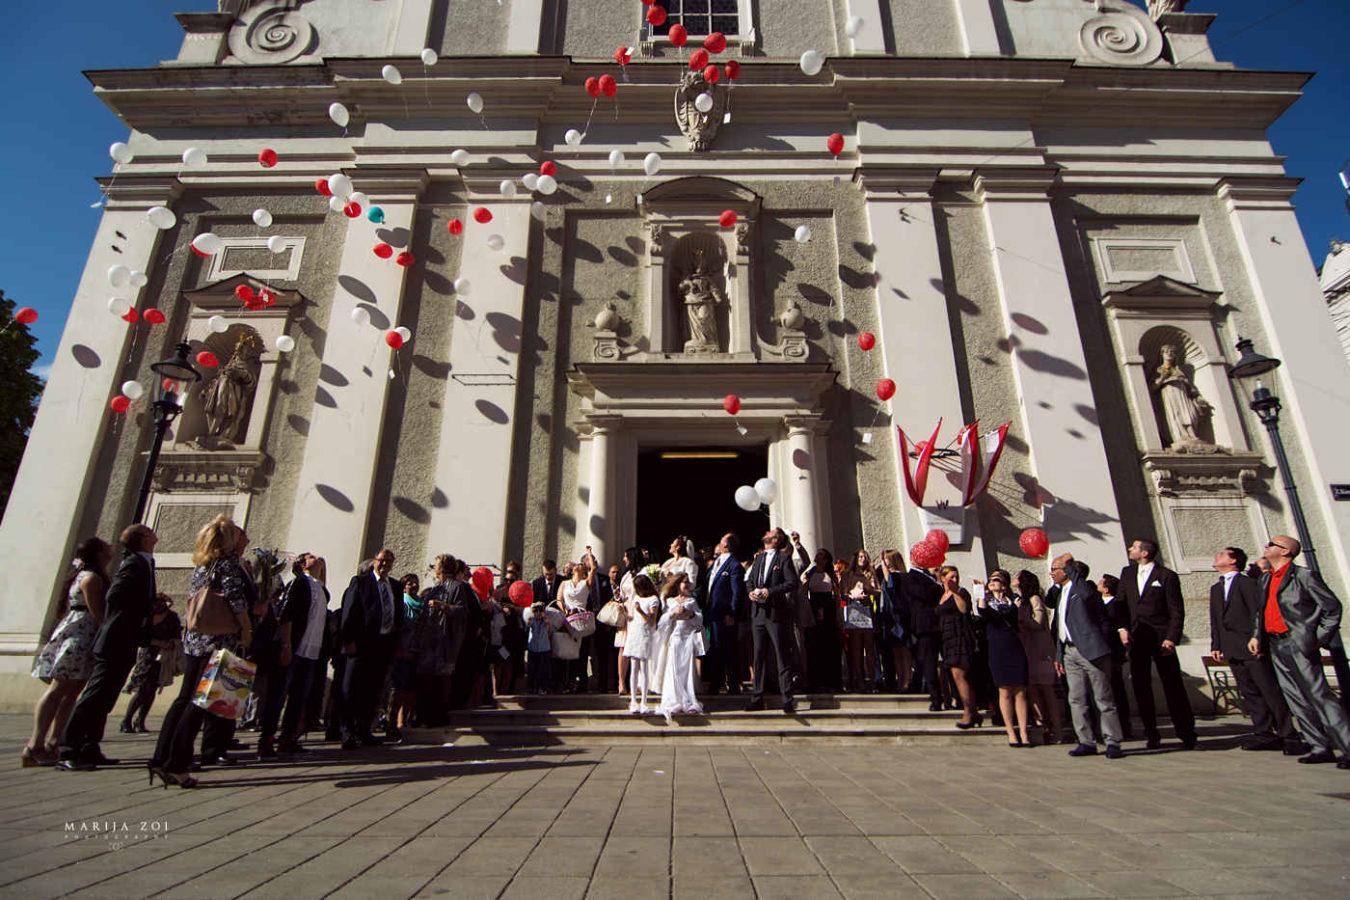 hochzeitsfotografie wien , wedding photography Marija Zoi photography